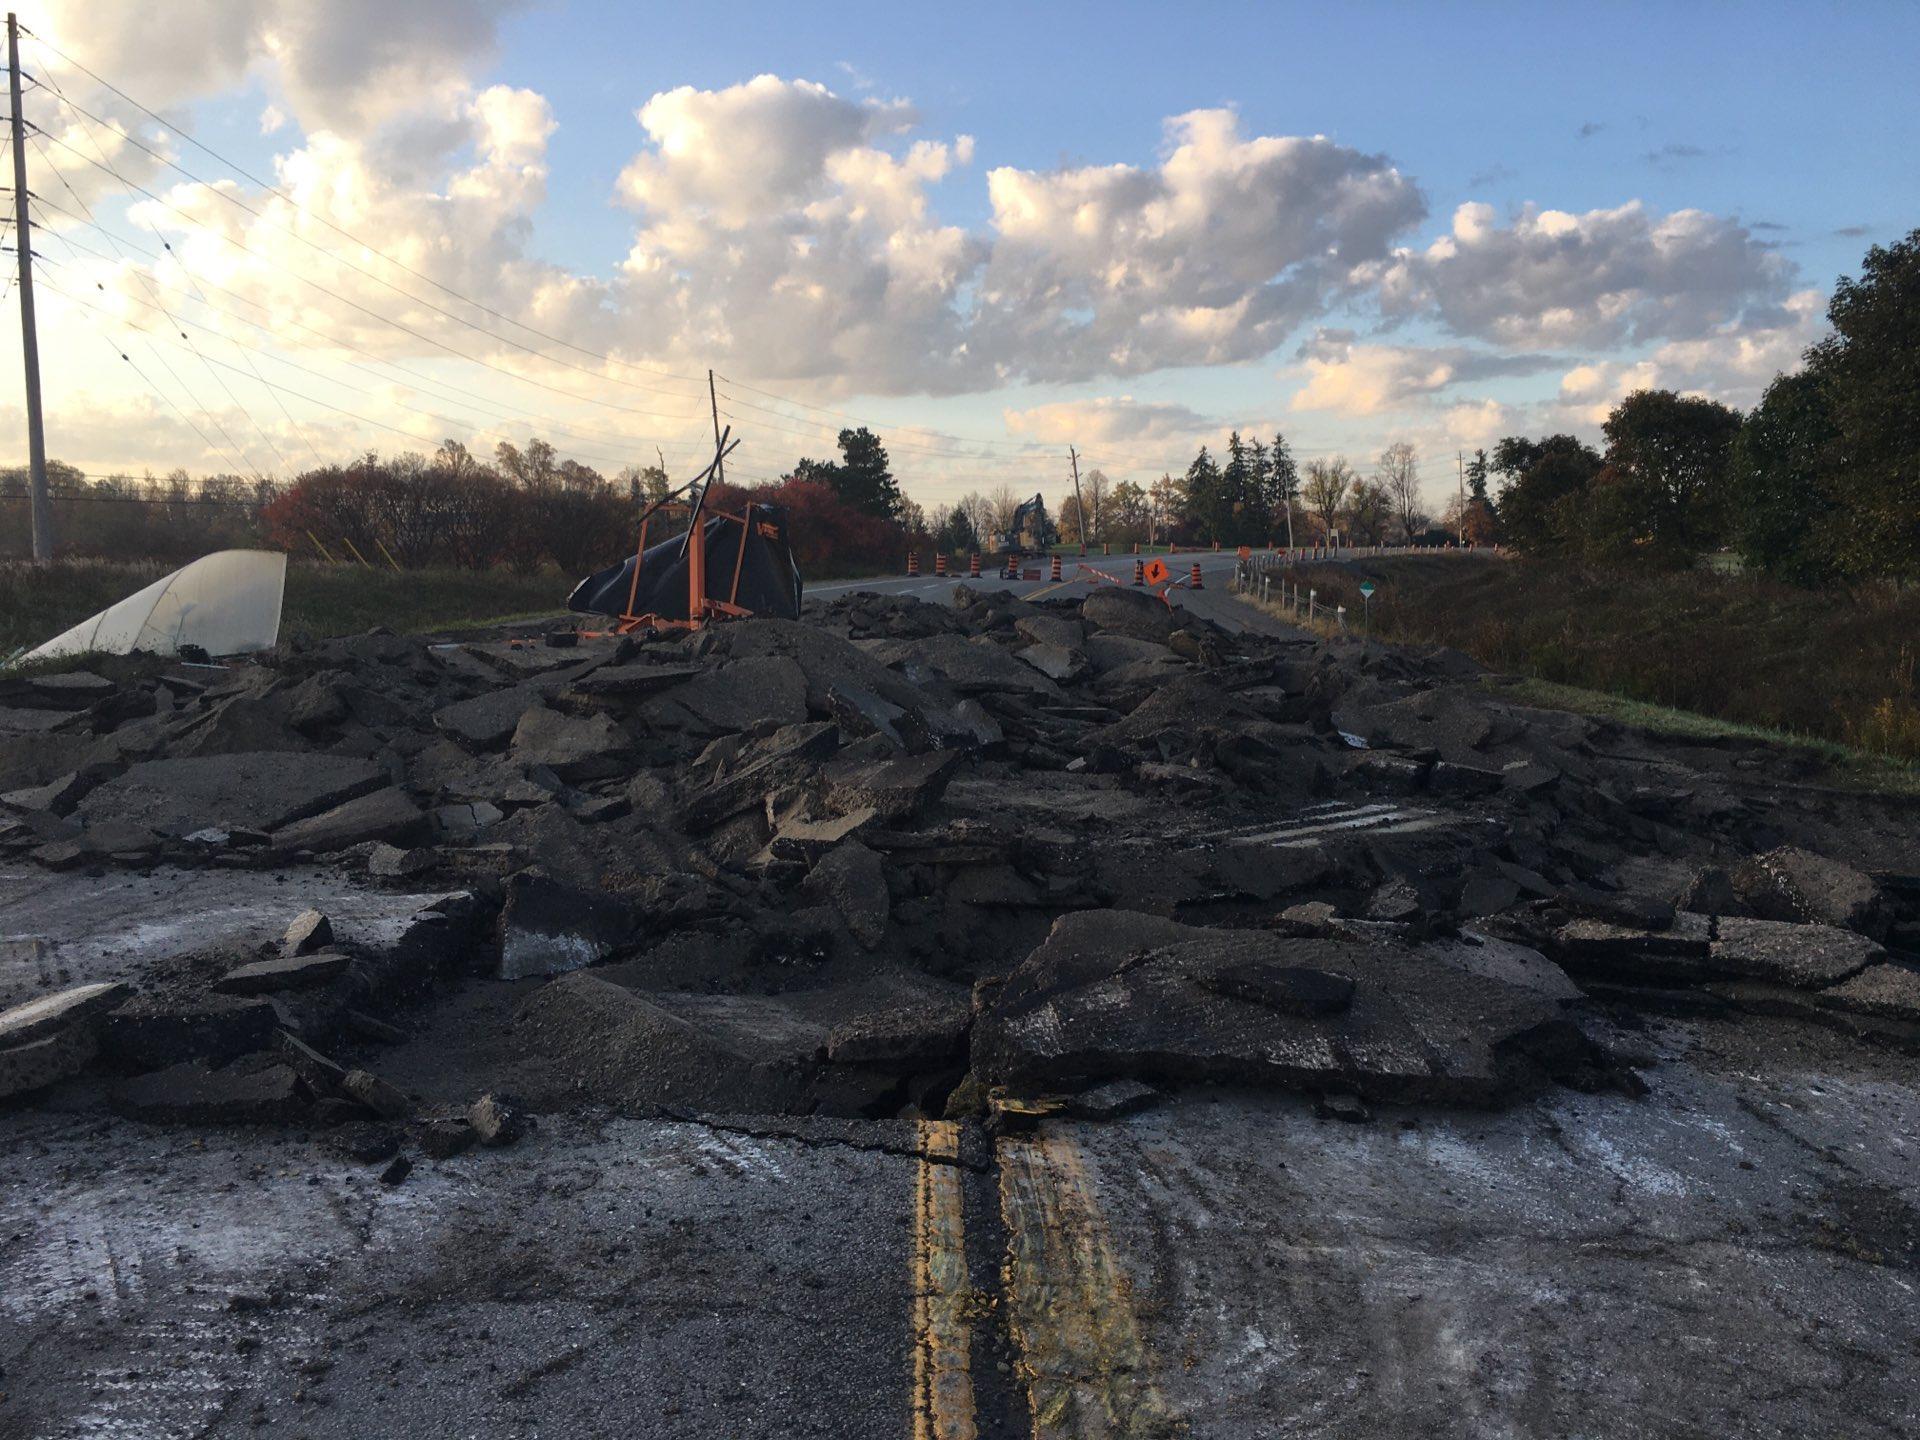 1492 Land Back Lane Destroys Highway